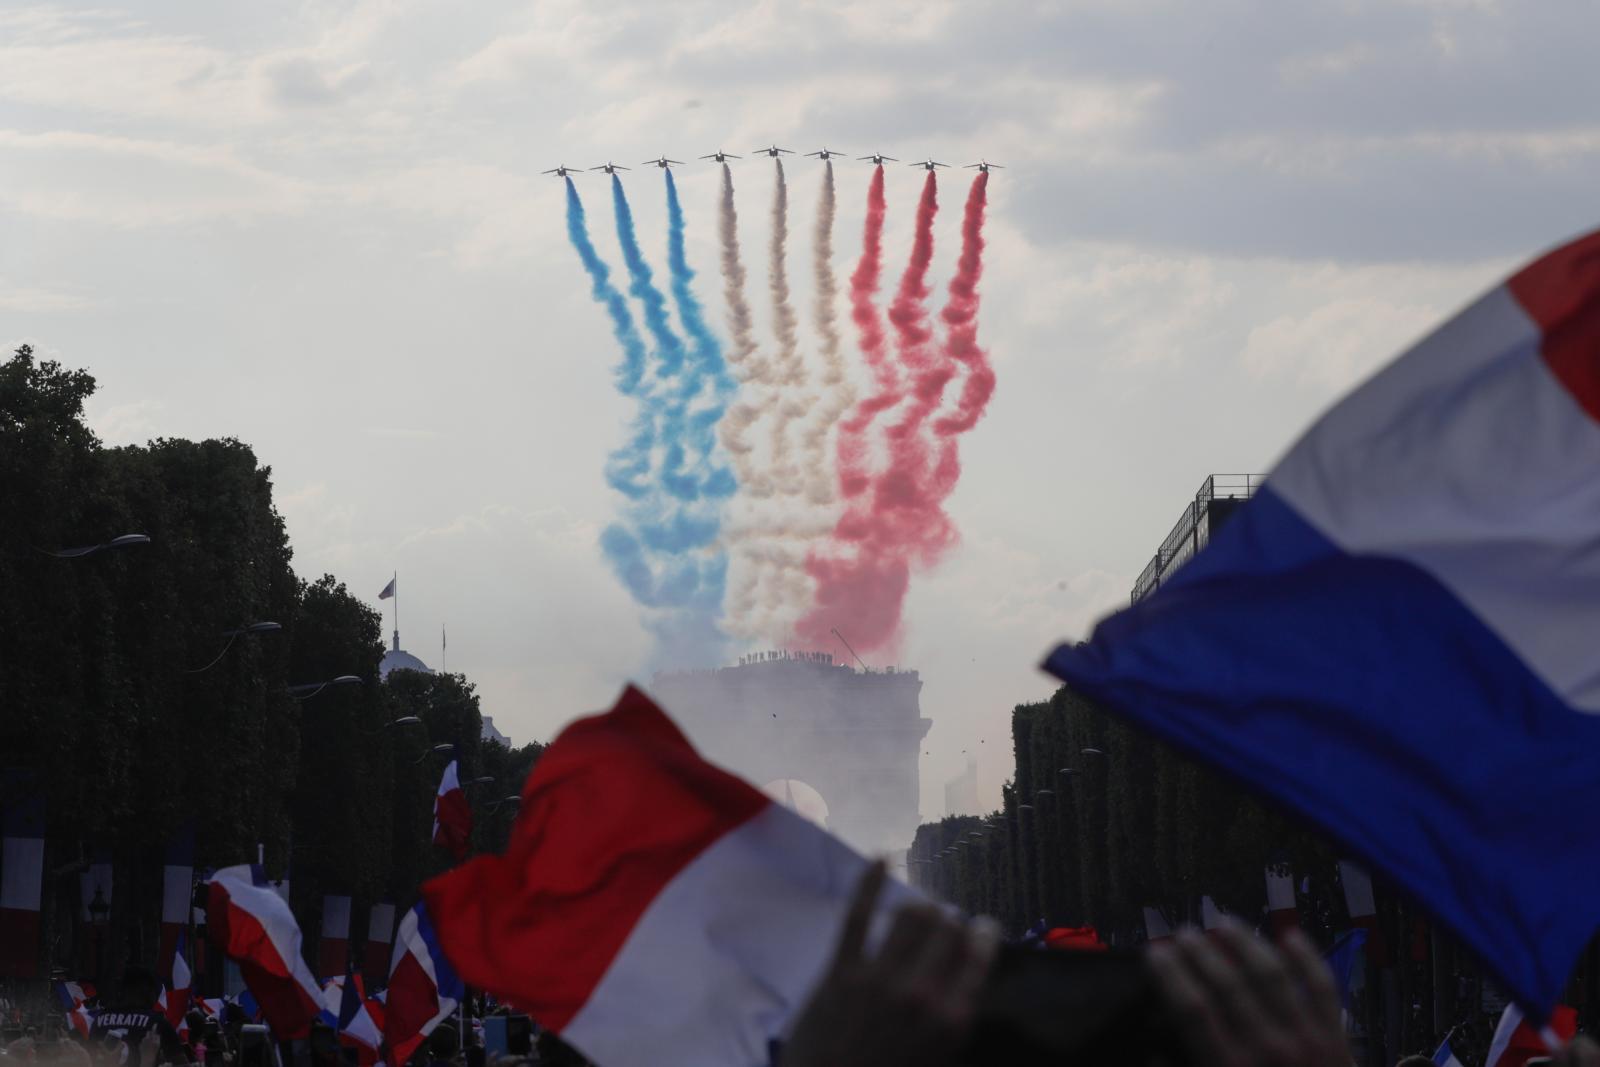 """แฟนบอลแห่รับแข้ง """"ฝรั่งเศส"""" ถึงบ้าน เฉลิมฉลองอย่างยิ่งใหญ่"""